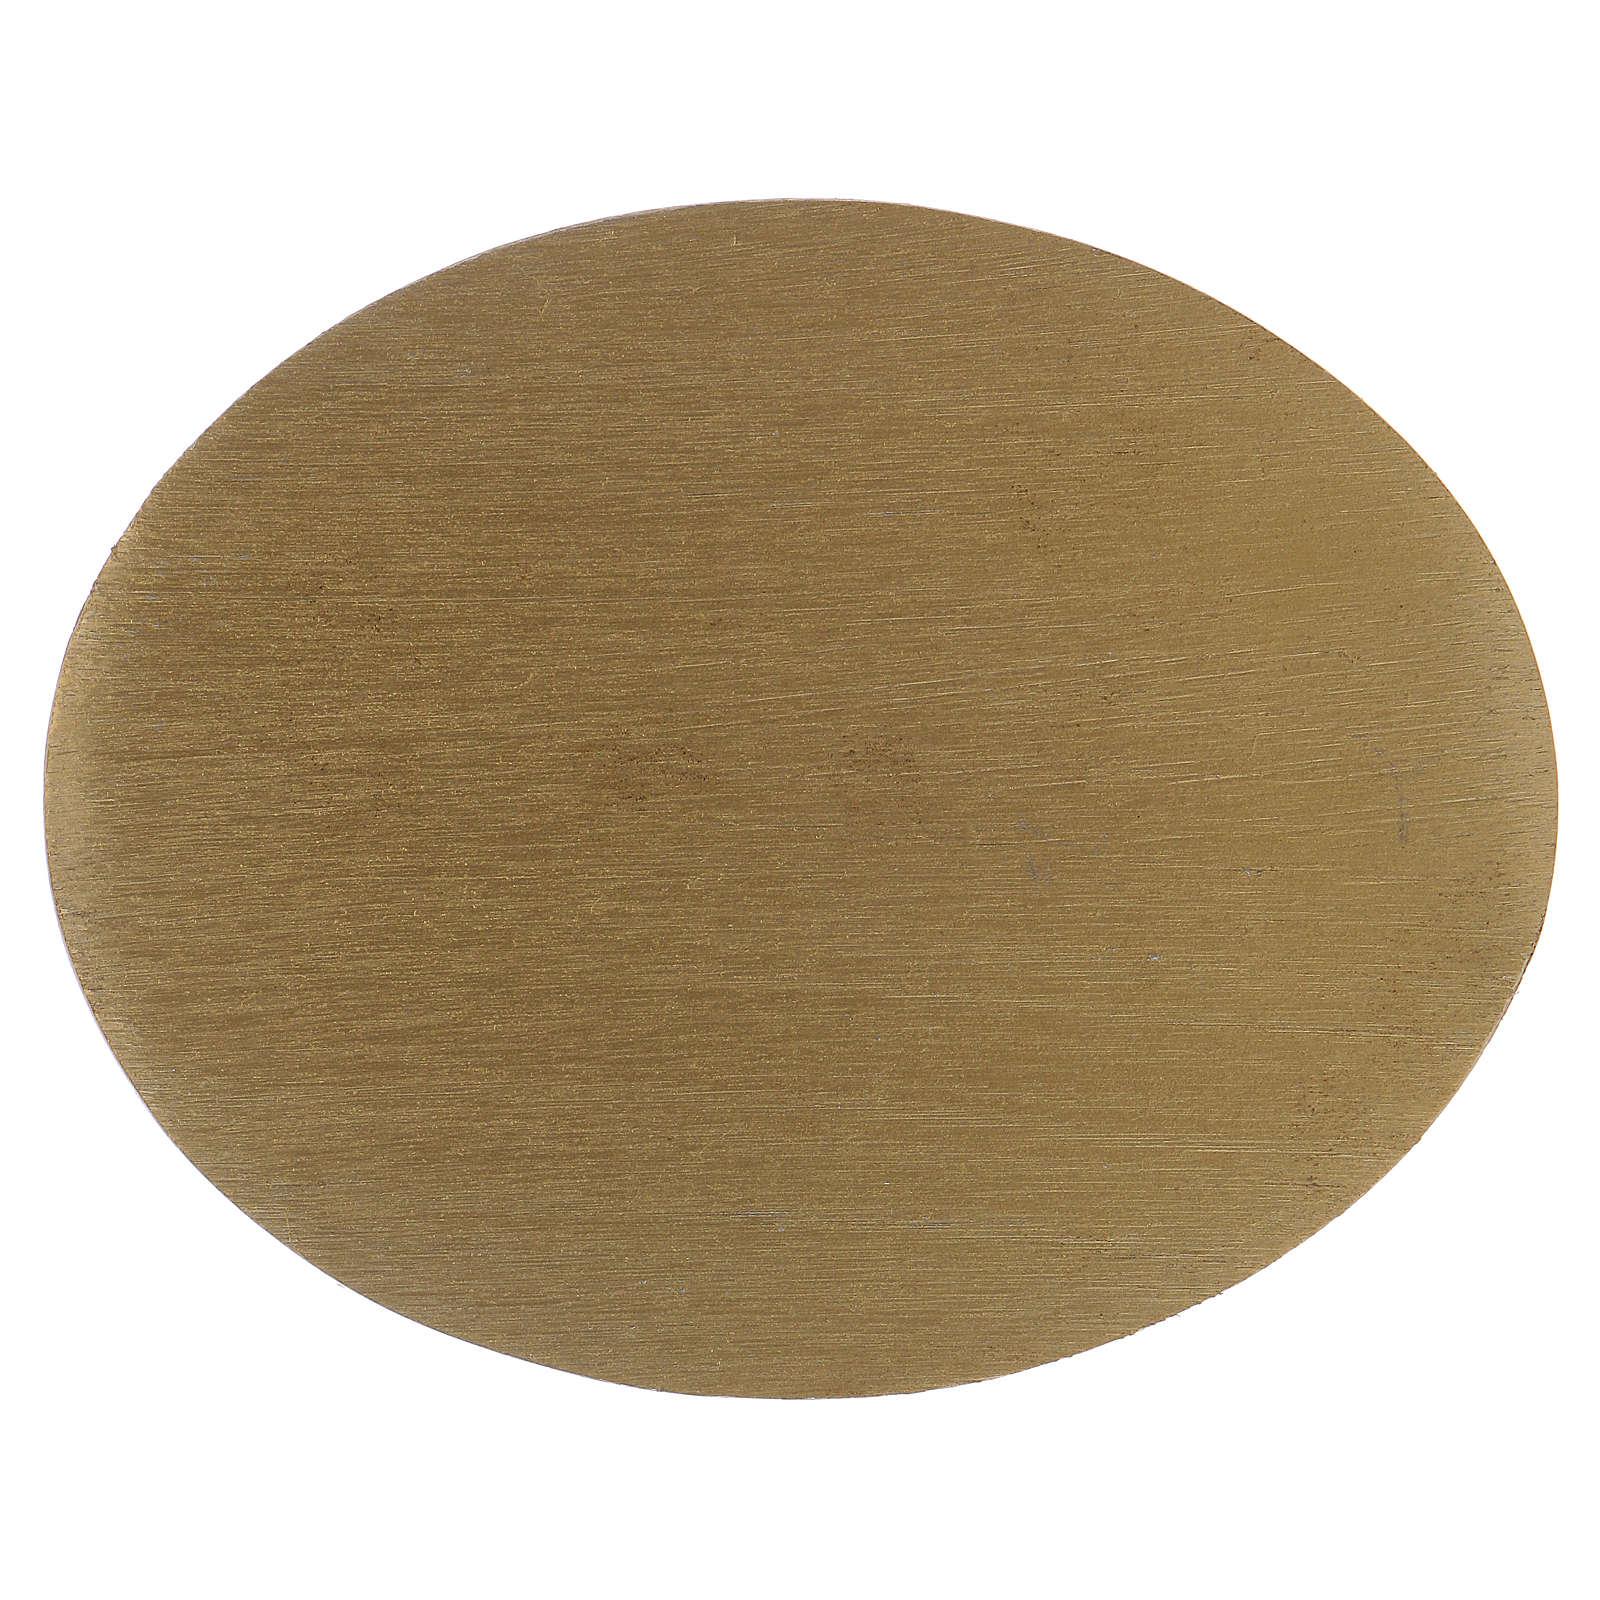 Piatto portacandela ovale in alluminio zigrinato dorato 3